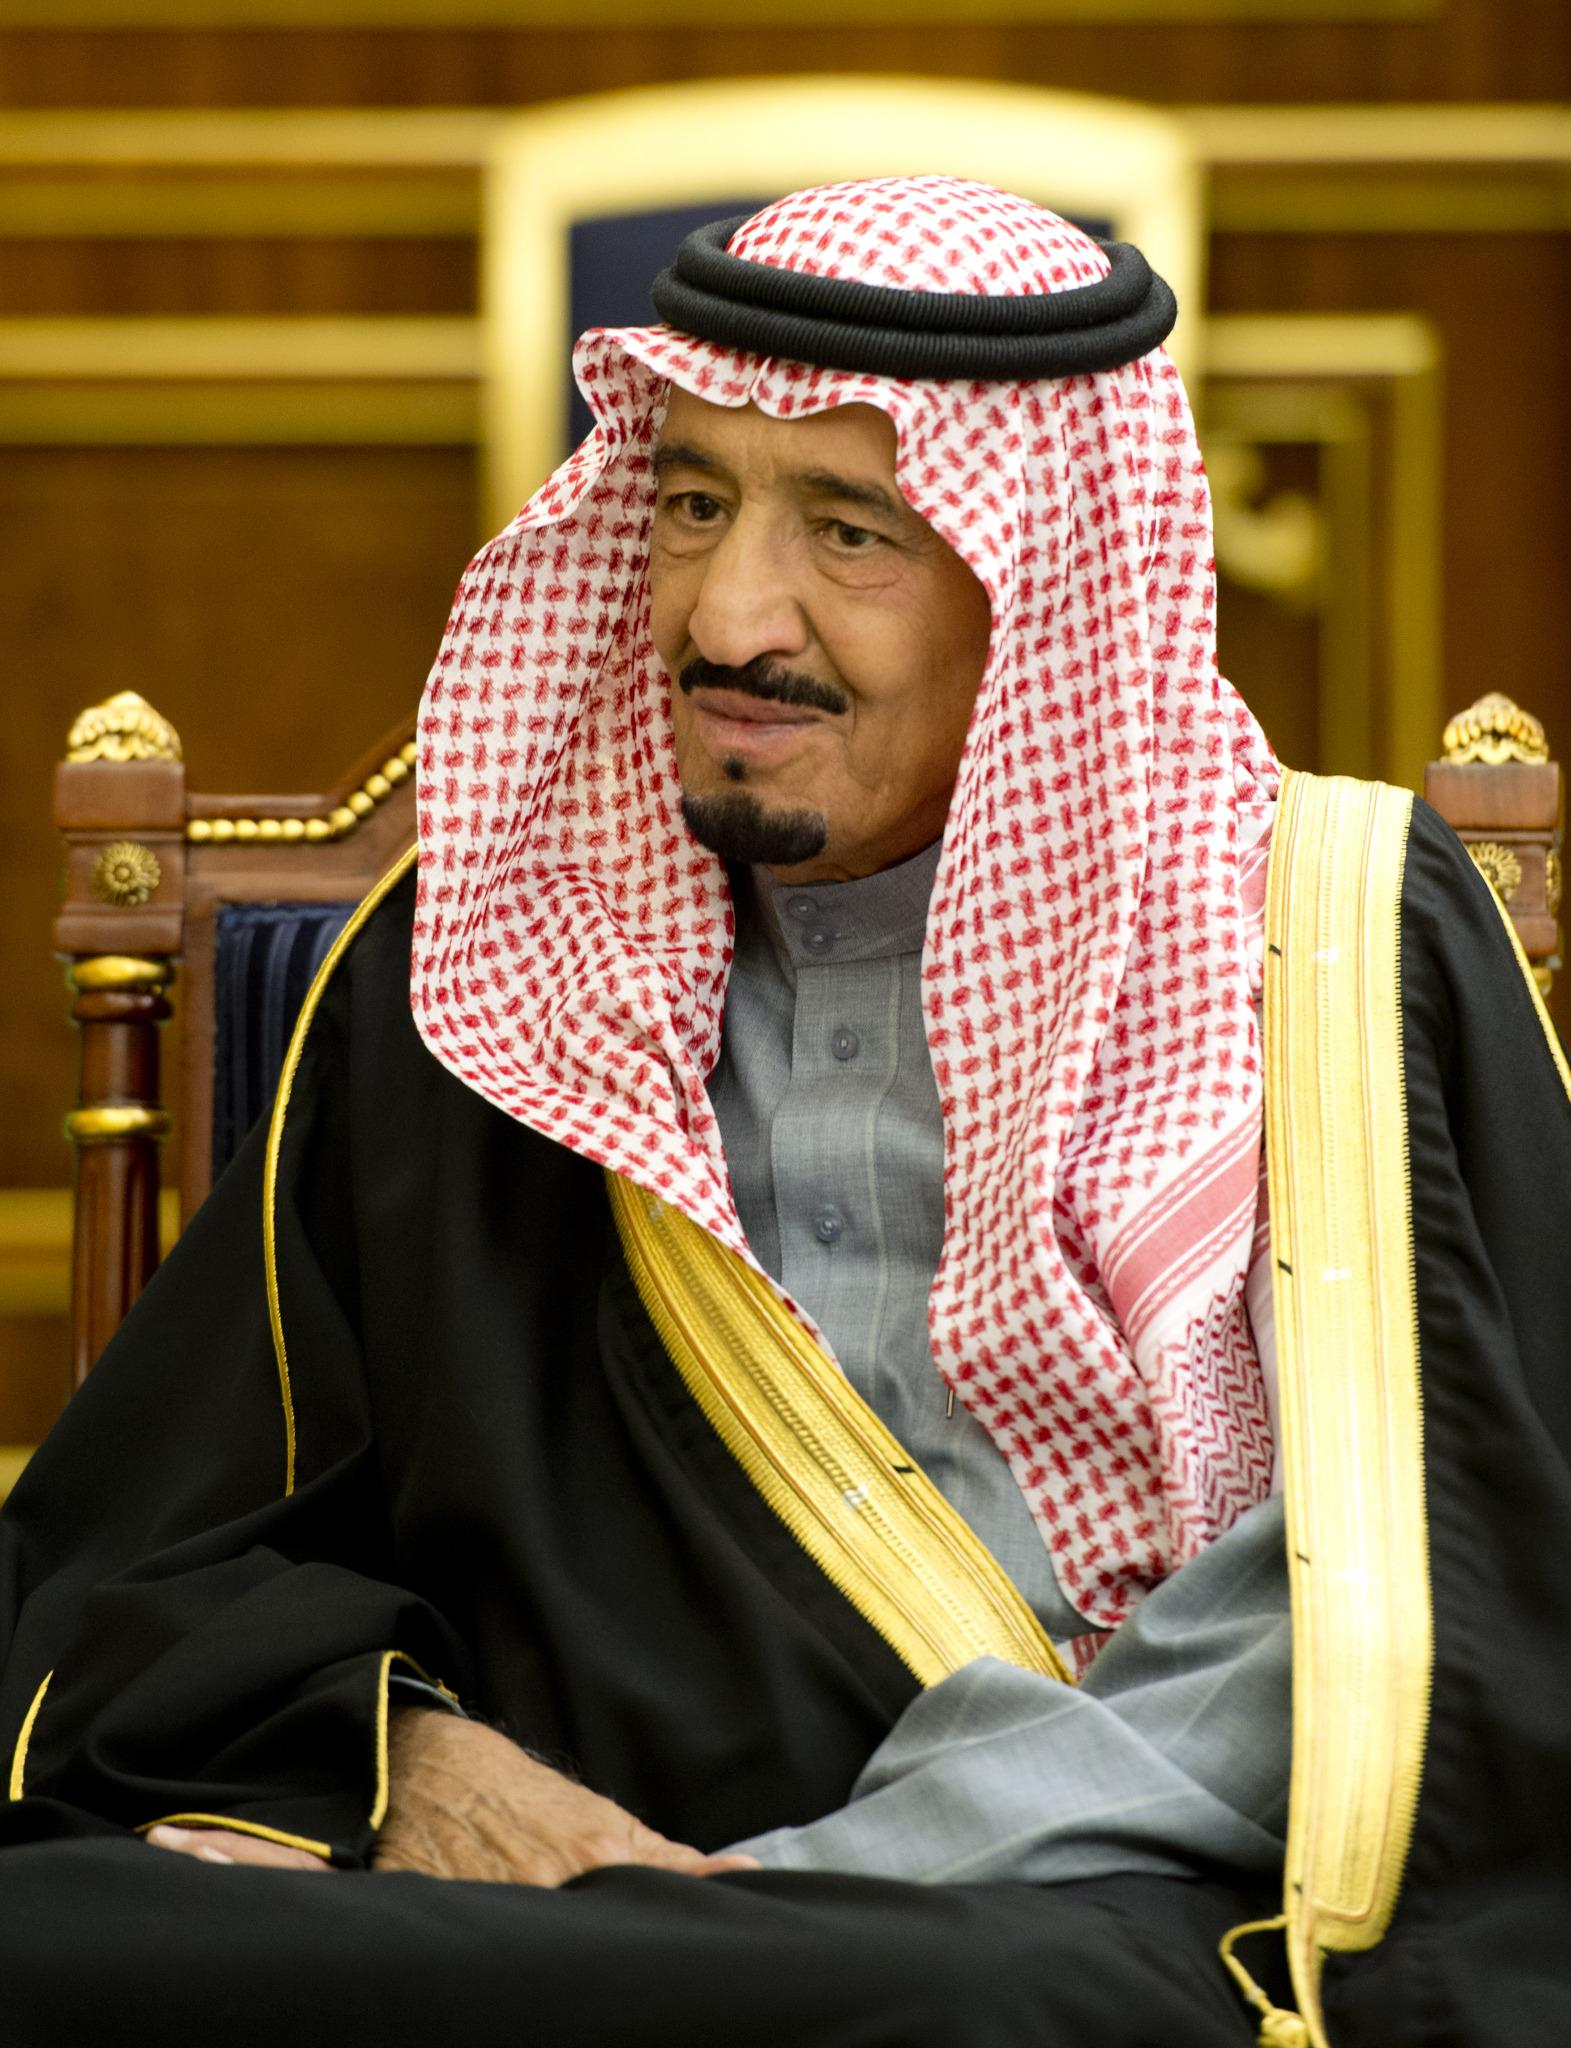 как живет король саудовской аравии фото образования ступнях